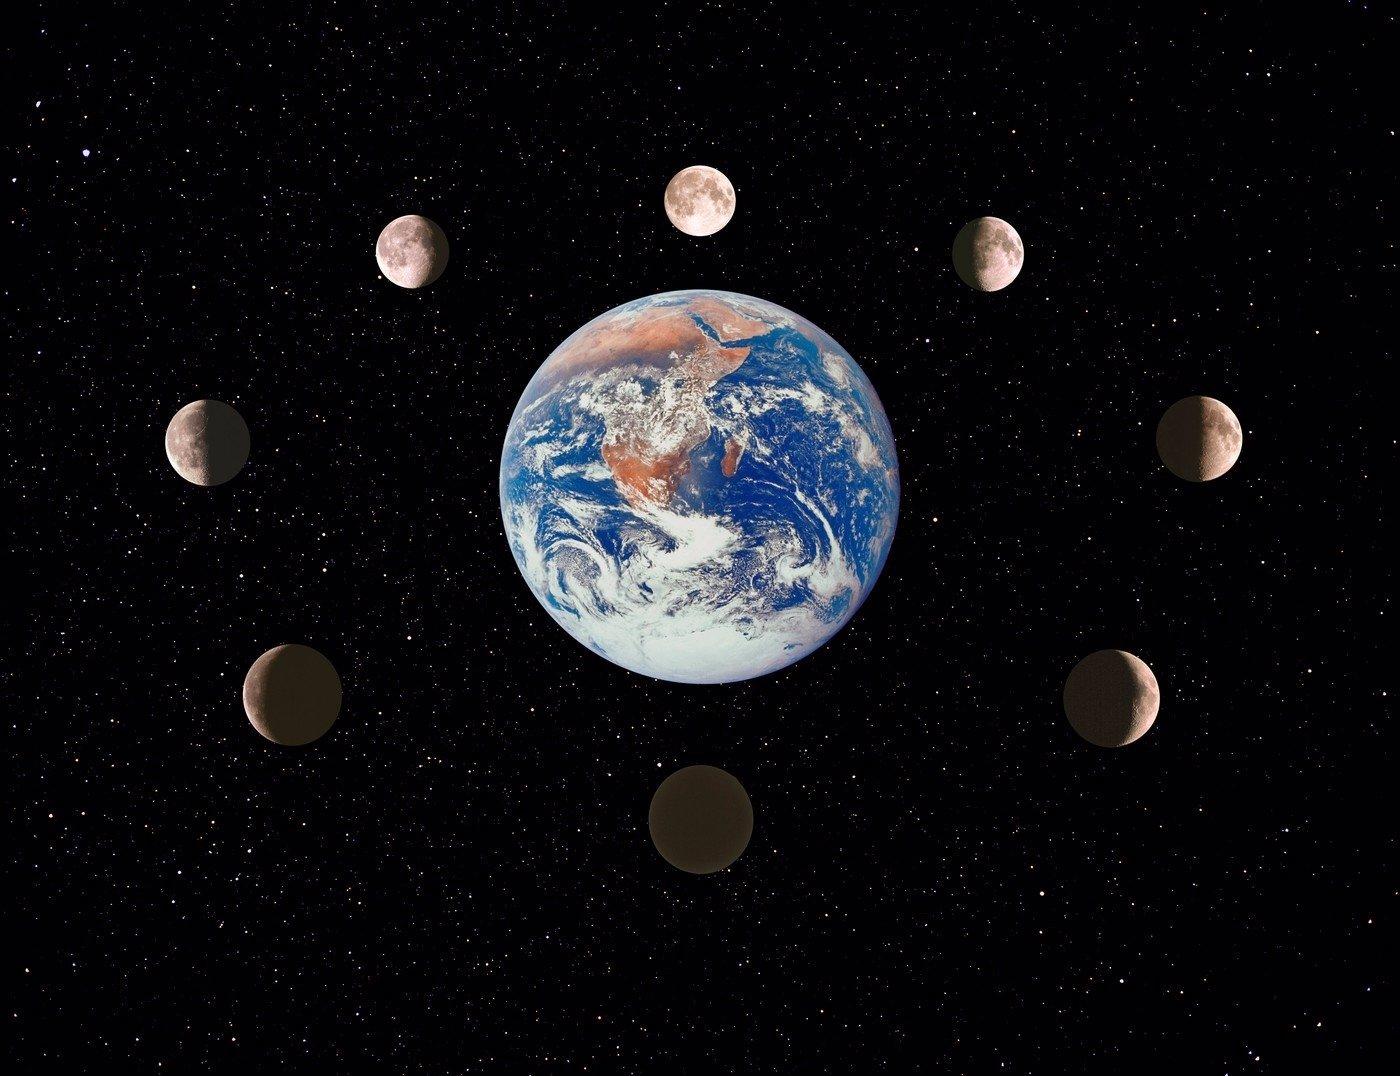 Novoluní přinese BOLESTIVOU ZMĚNU: Vesmír si posvítí na dlouhodobé rány!